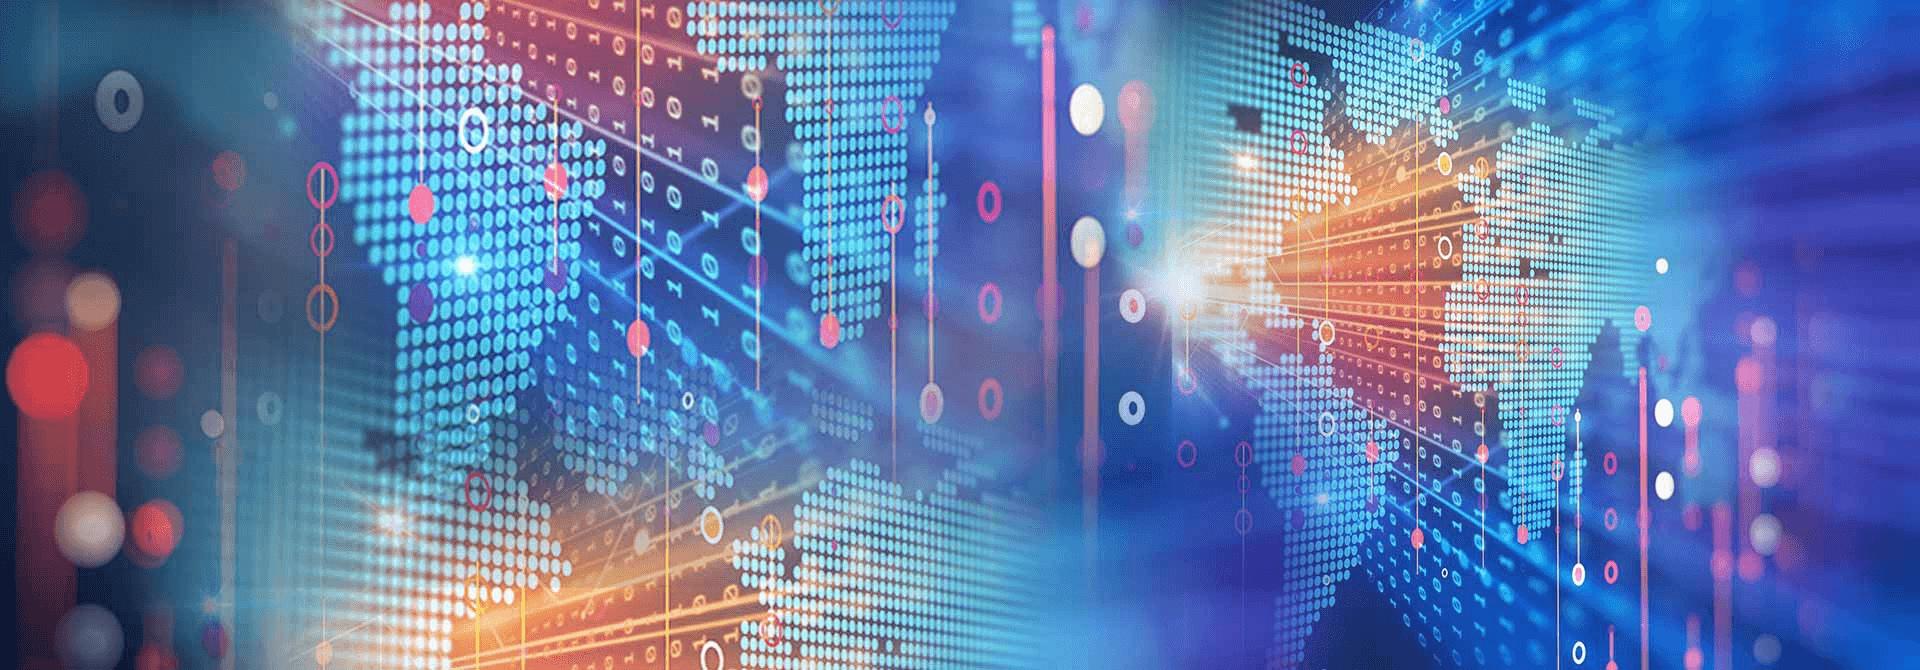 Deciphering-blockchain-our-future-1